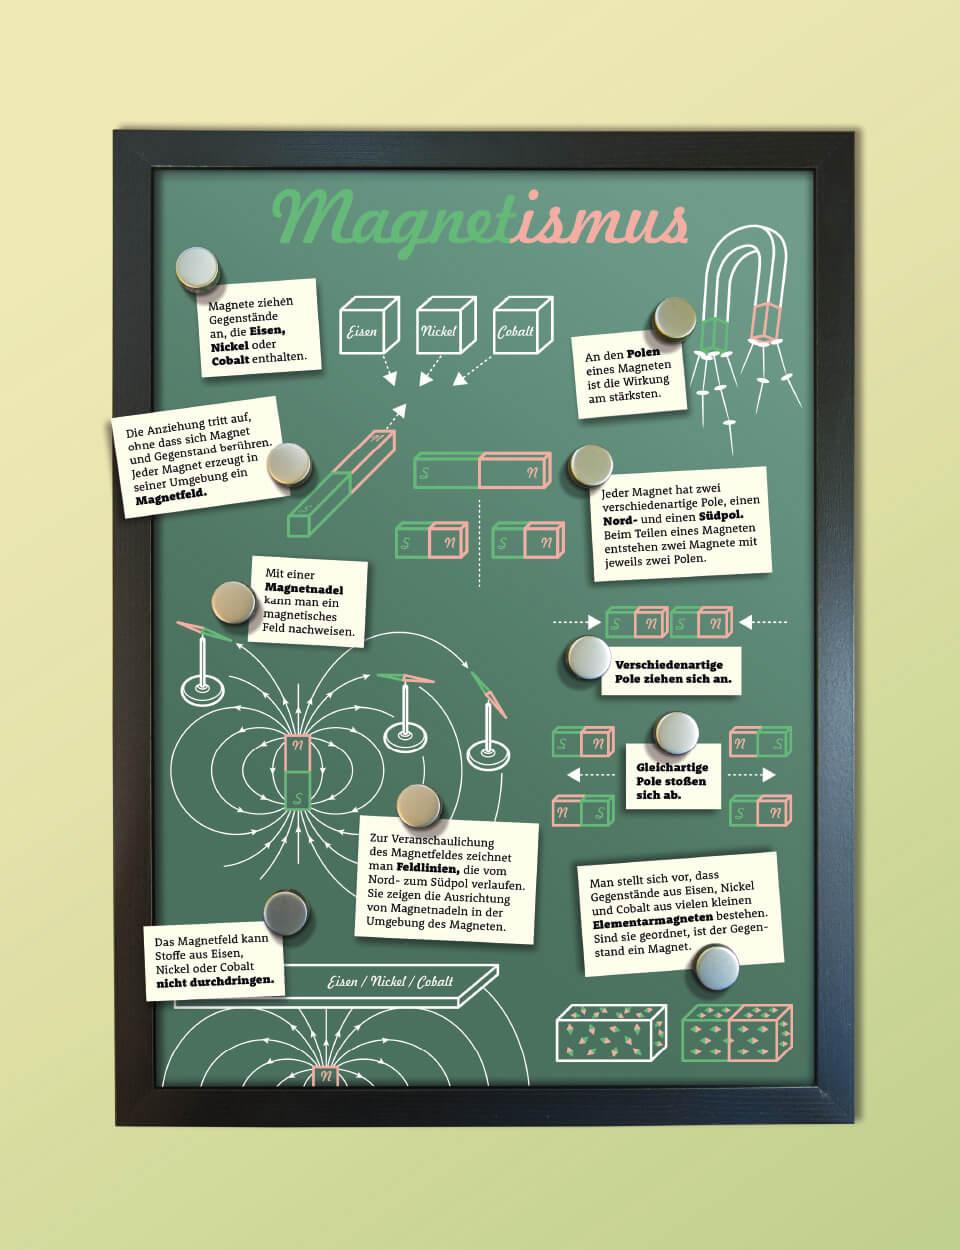 Infografik zum Thema Magnetismus für das Schulbuch Impulse Physik vom Ernst Klett Verlag